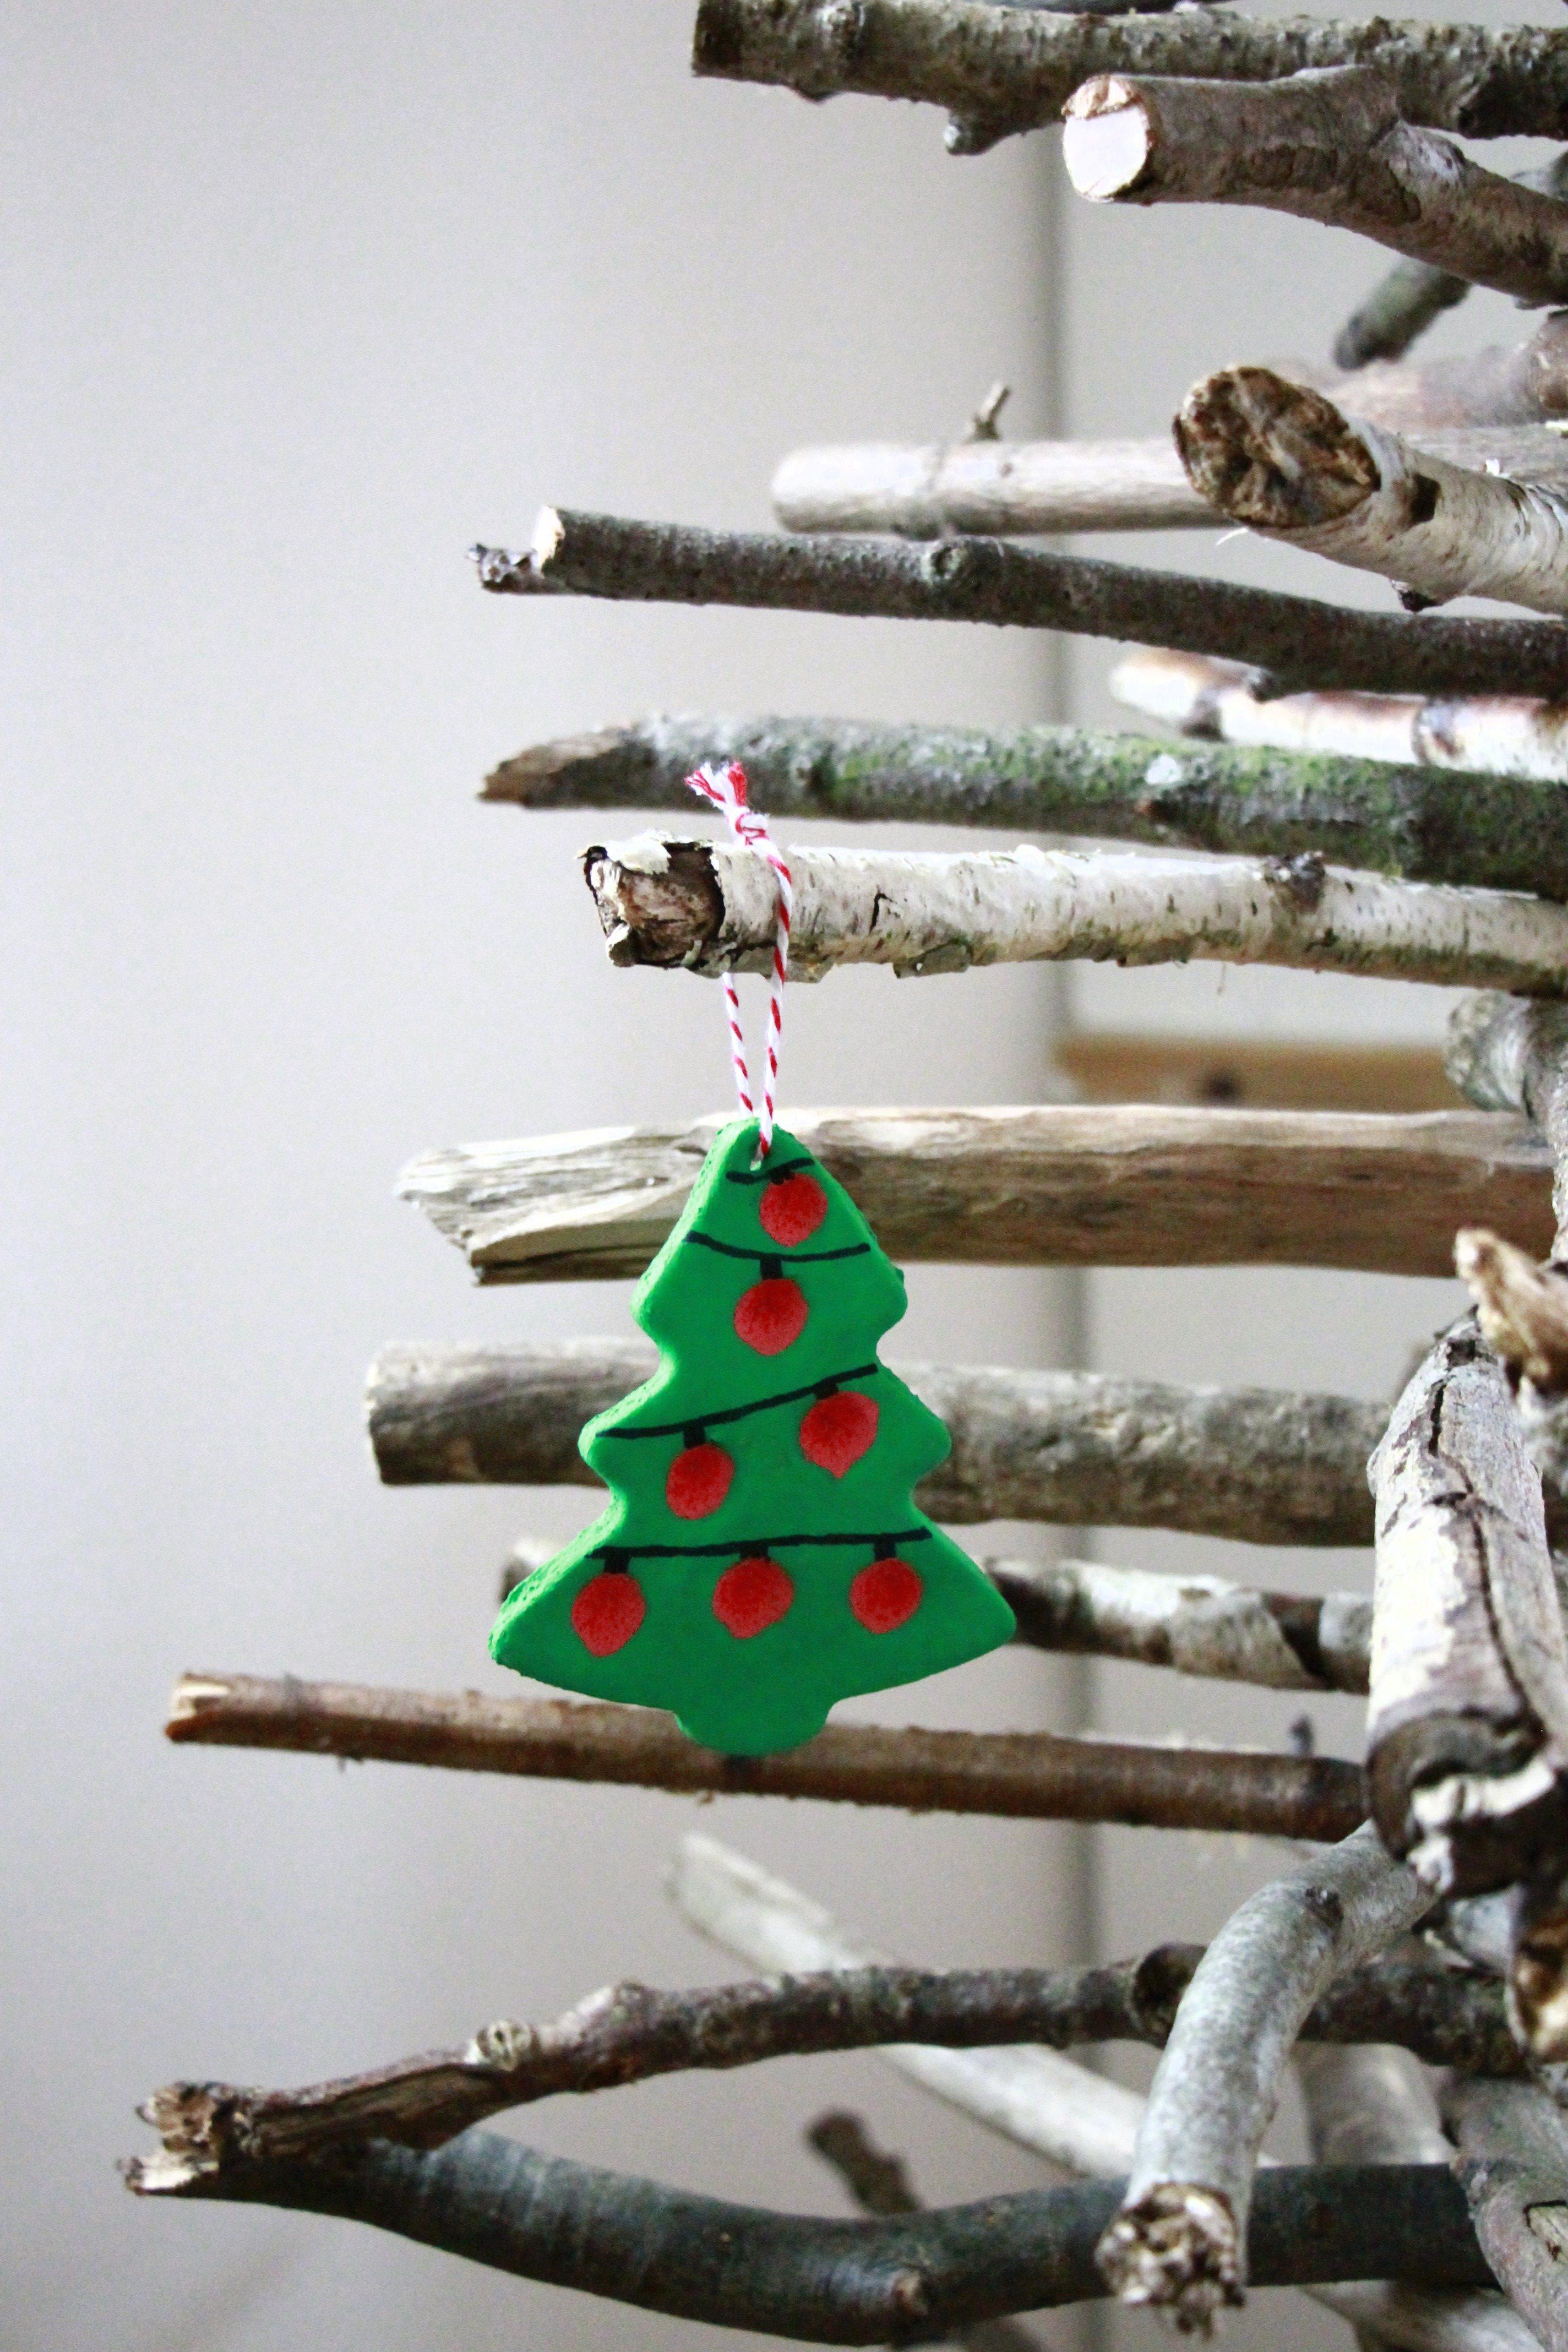 Ideen Weihnachten.Salzteig Ideen Weihnachten Lavendelblog